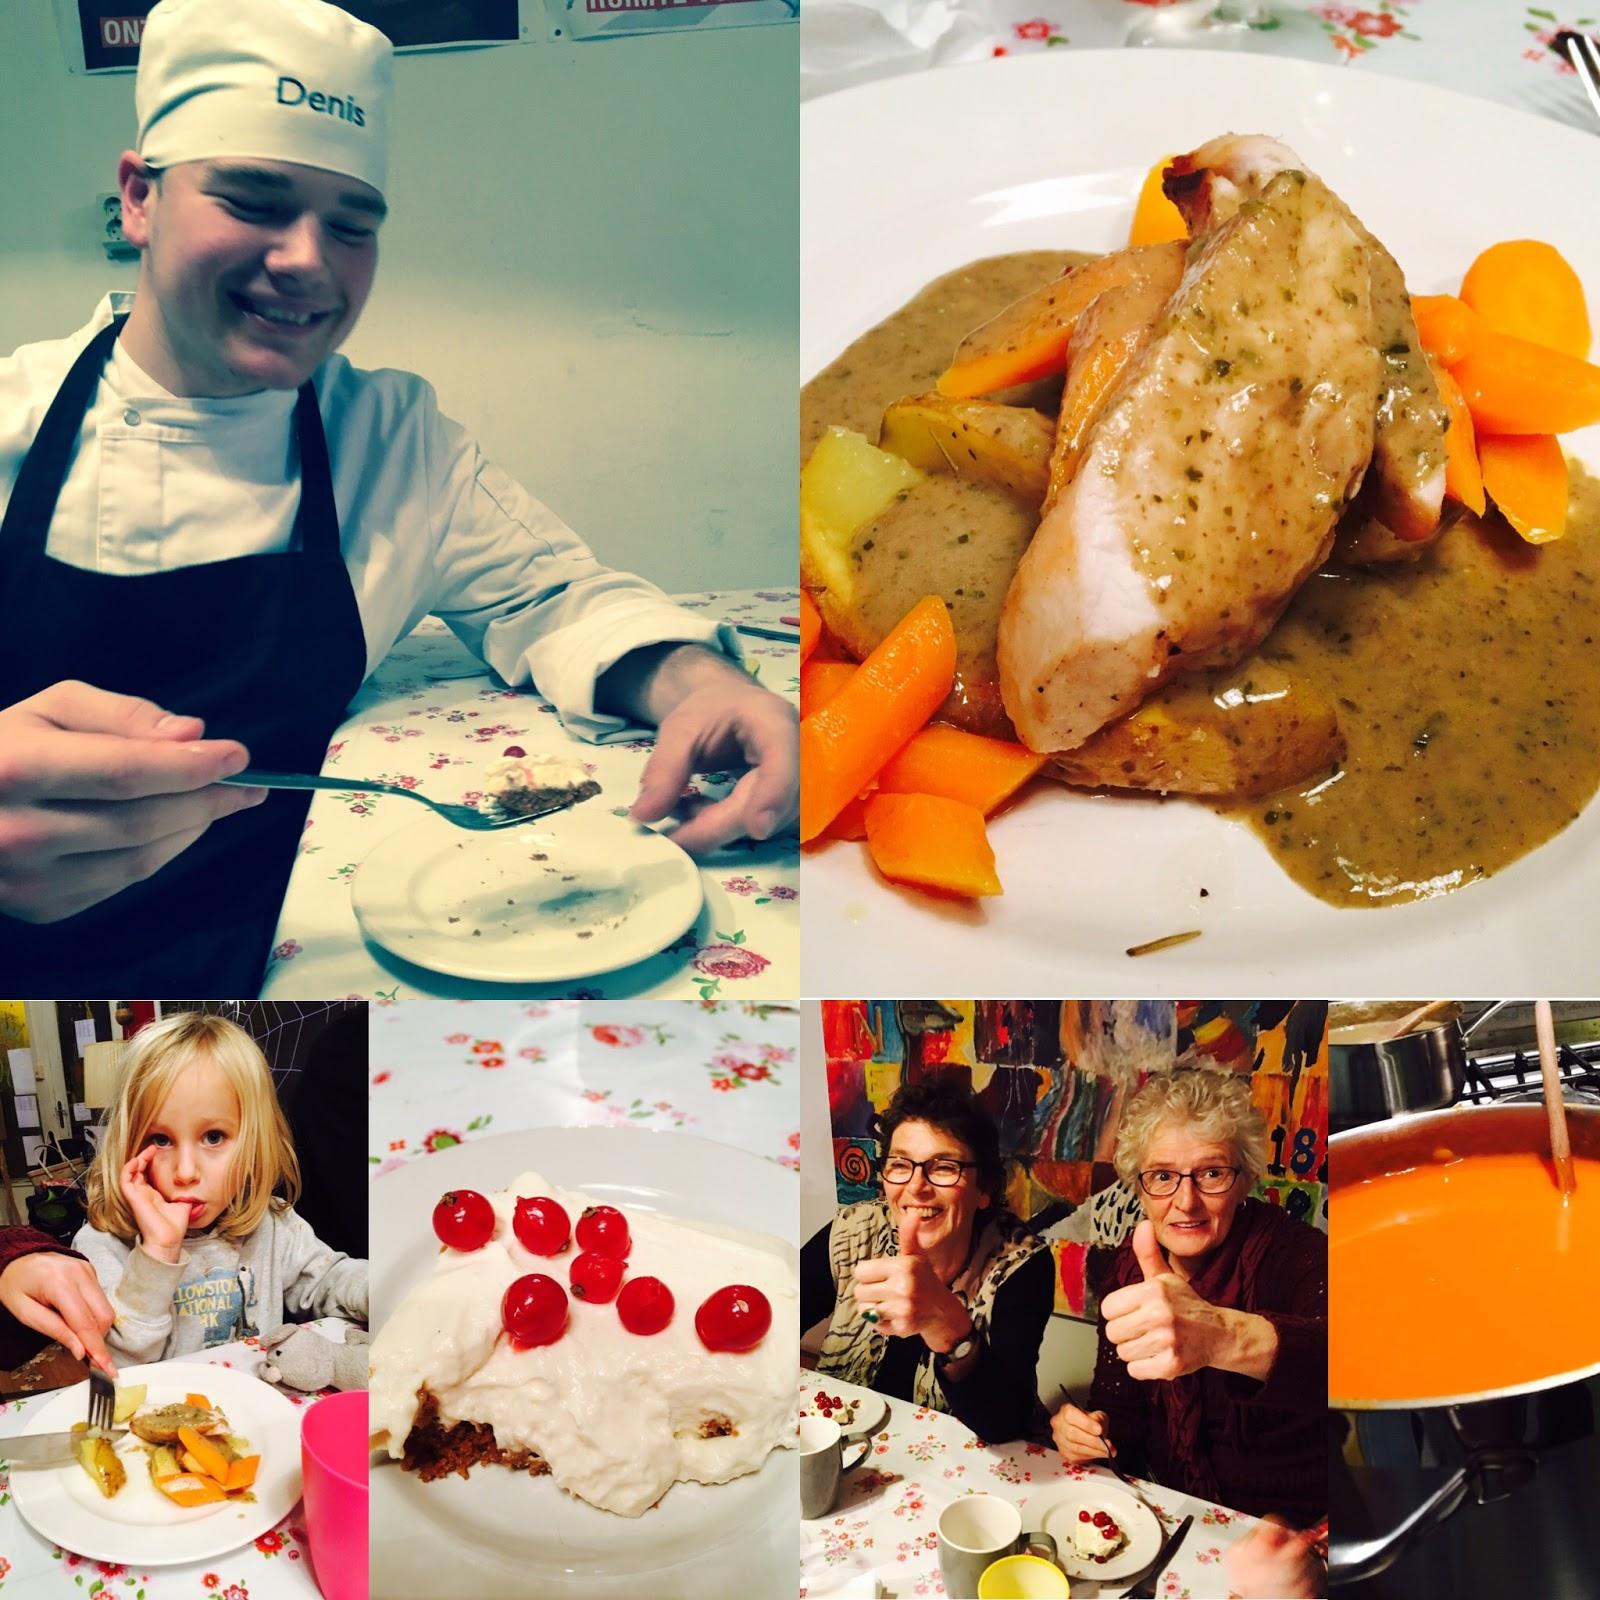 De woonkamer van meneer de burgemeester gezellige schuif aan maaltijd 18 november in de woonkamer - Idee gezellige maaltijd ...